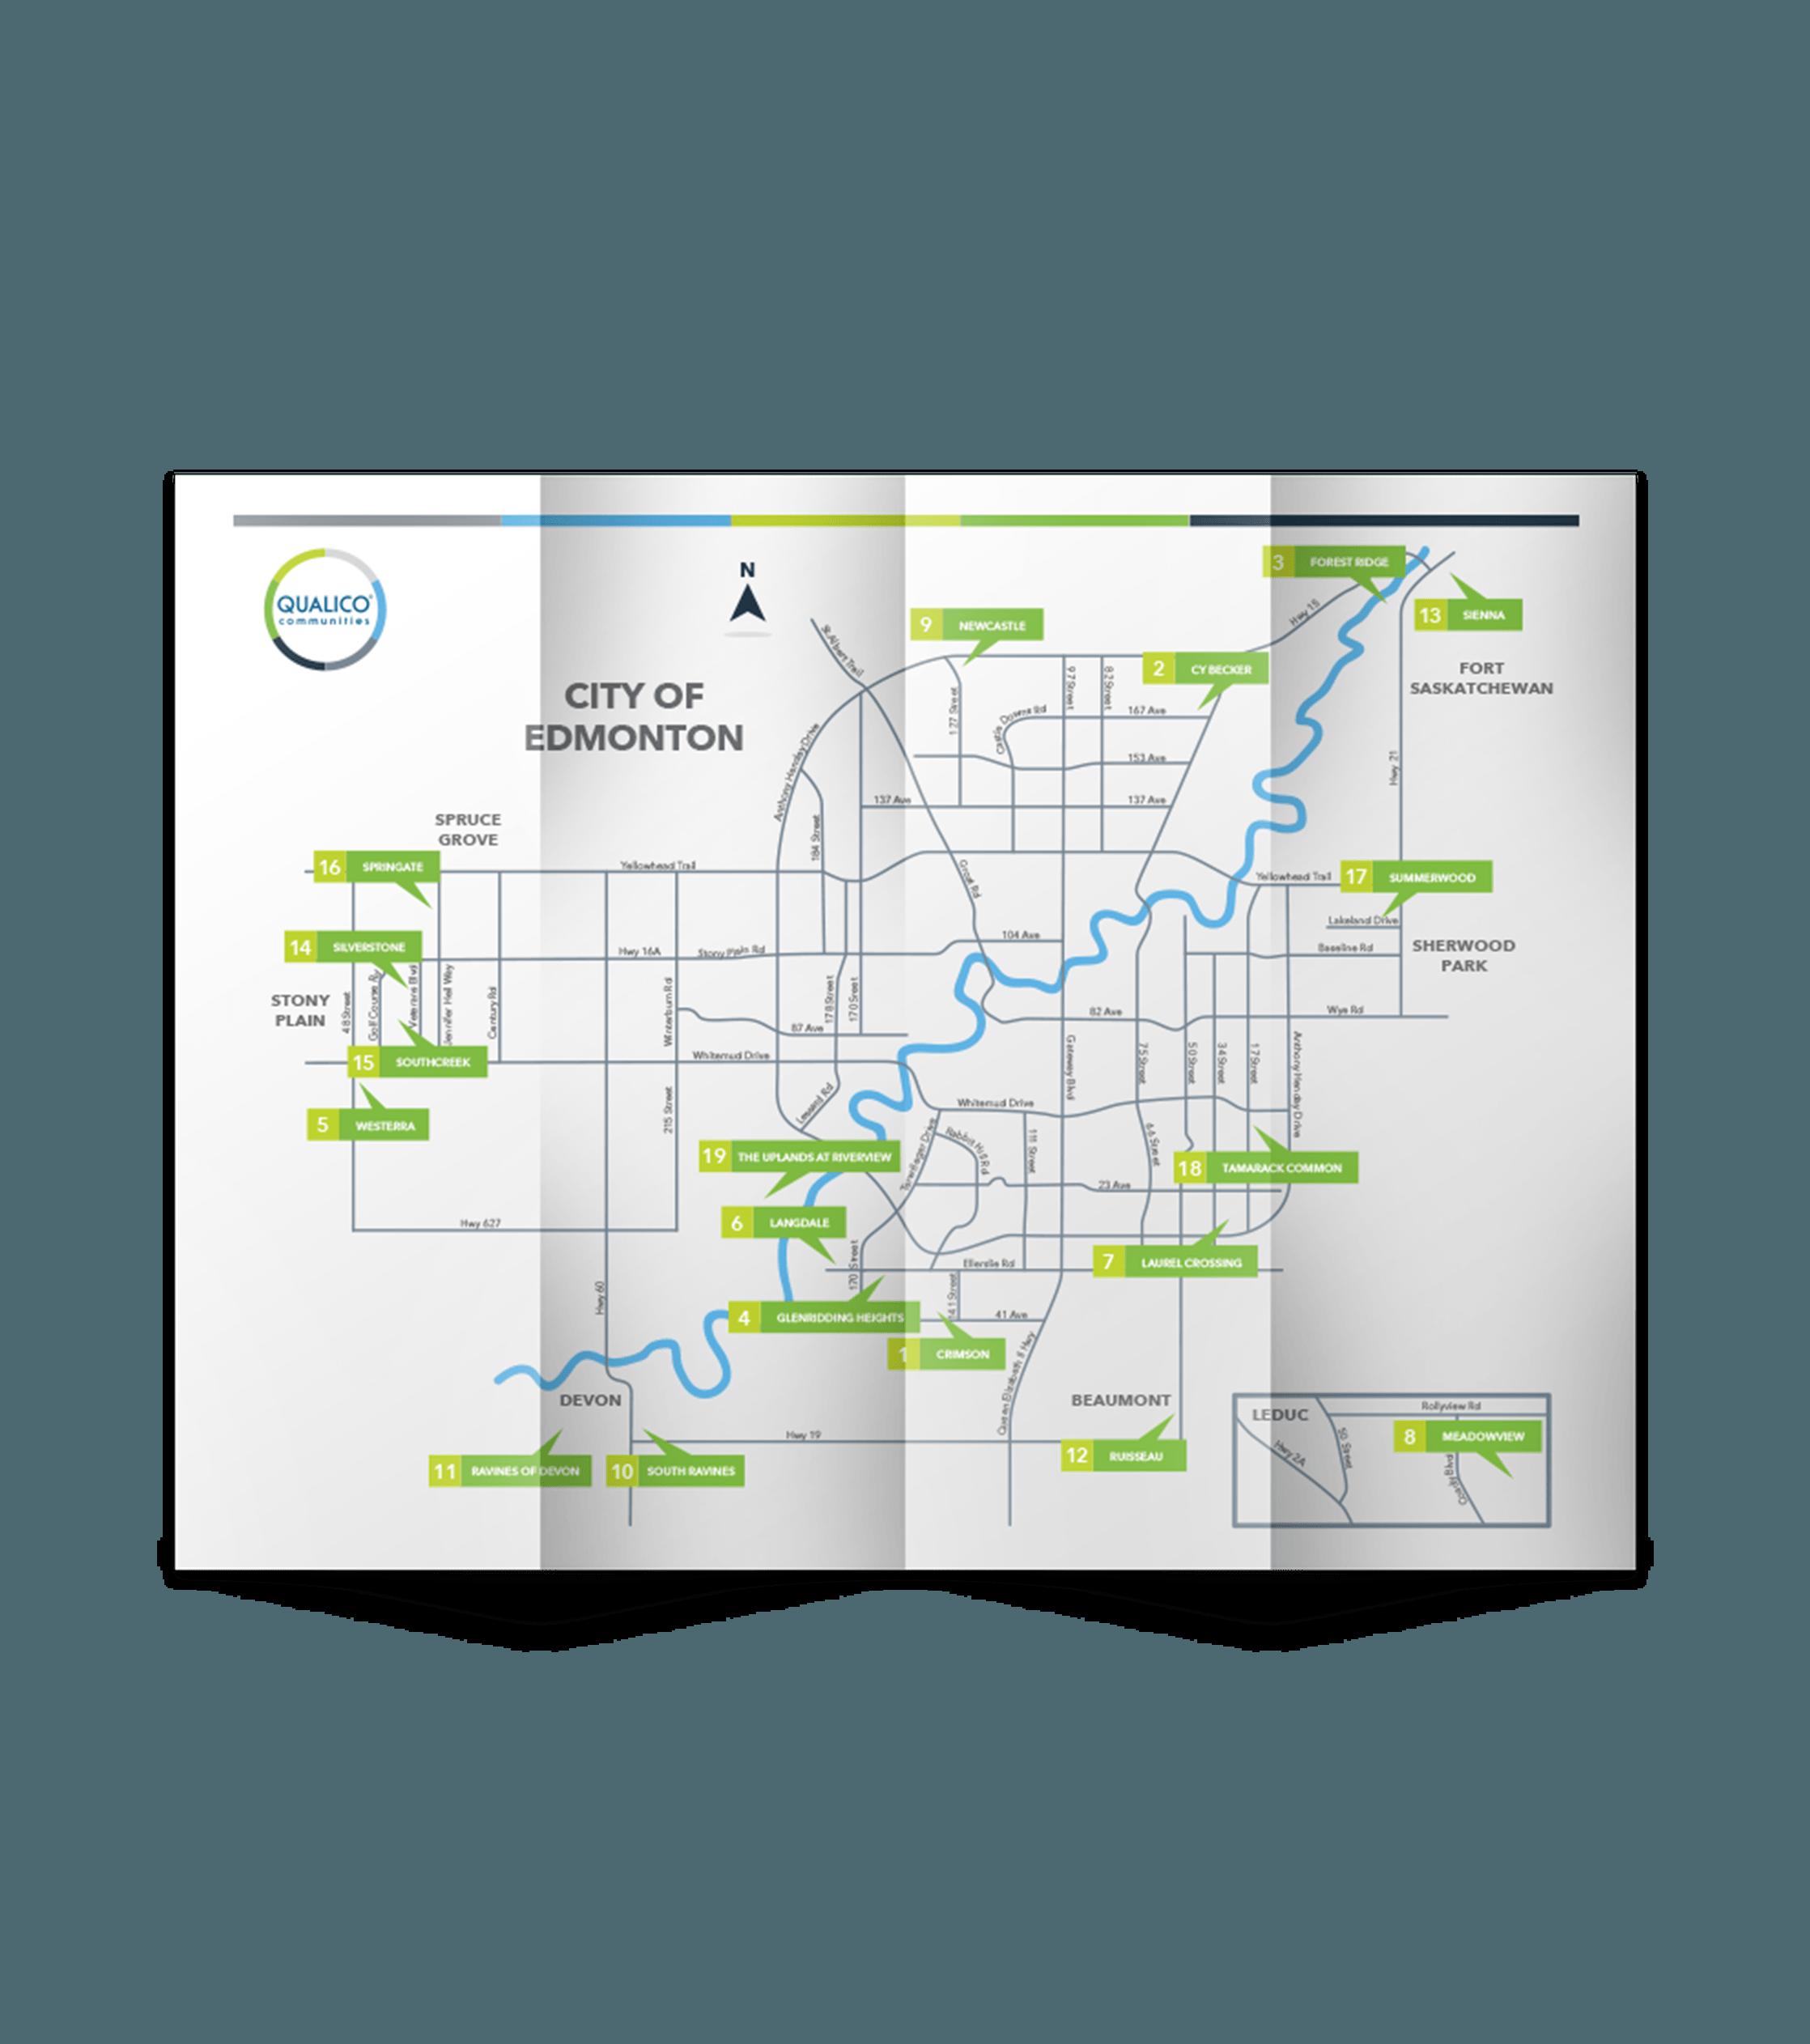 qualico communities map image